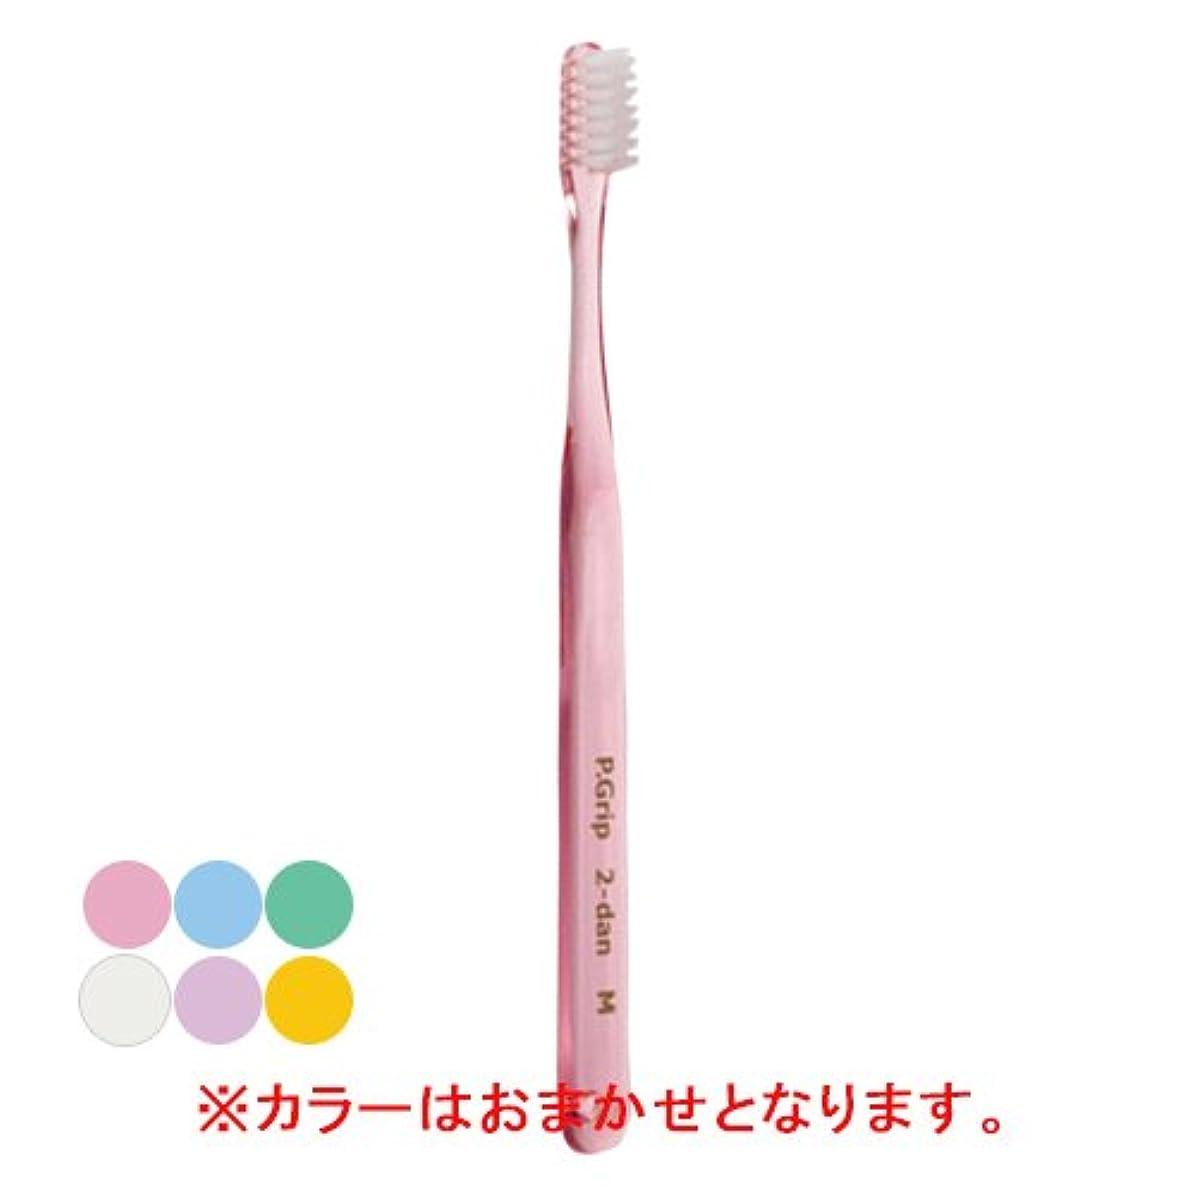 ショップ耐久容赦ないP.D.R.(ピーディーアール) P.Grip(ピーグリップ)歯ブラシ 二段植毛タイプ ミディアム(ふつう) 1本